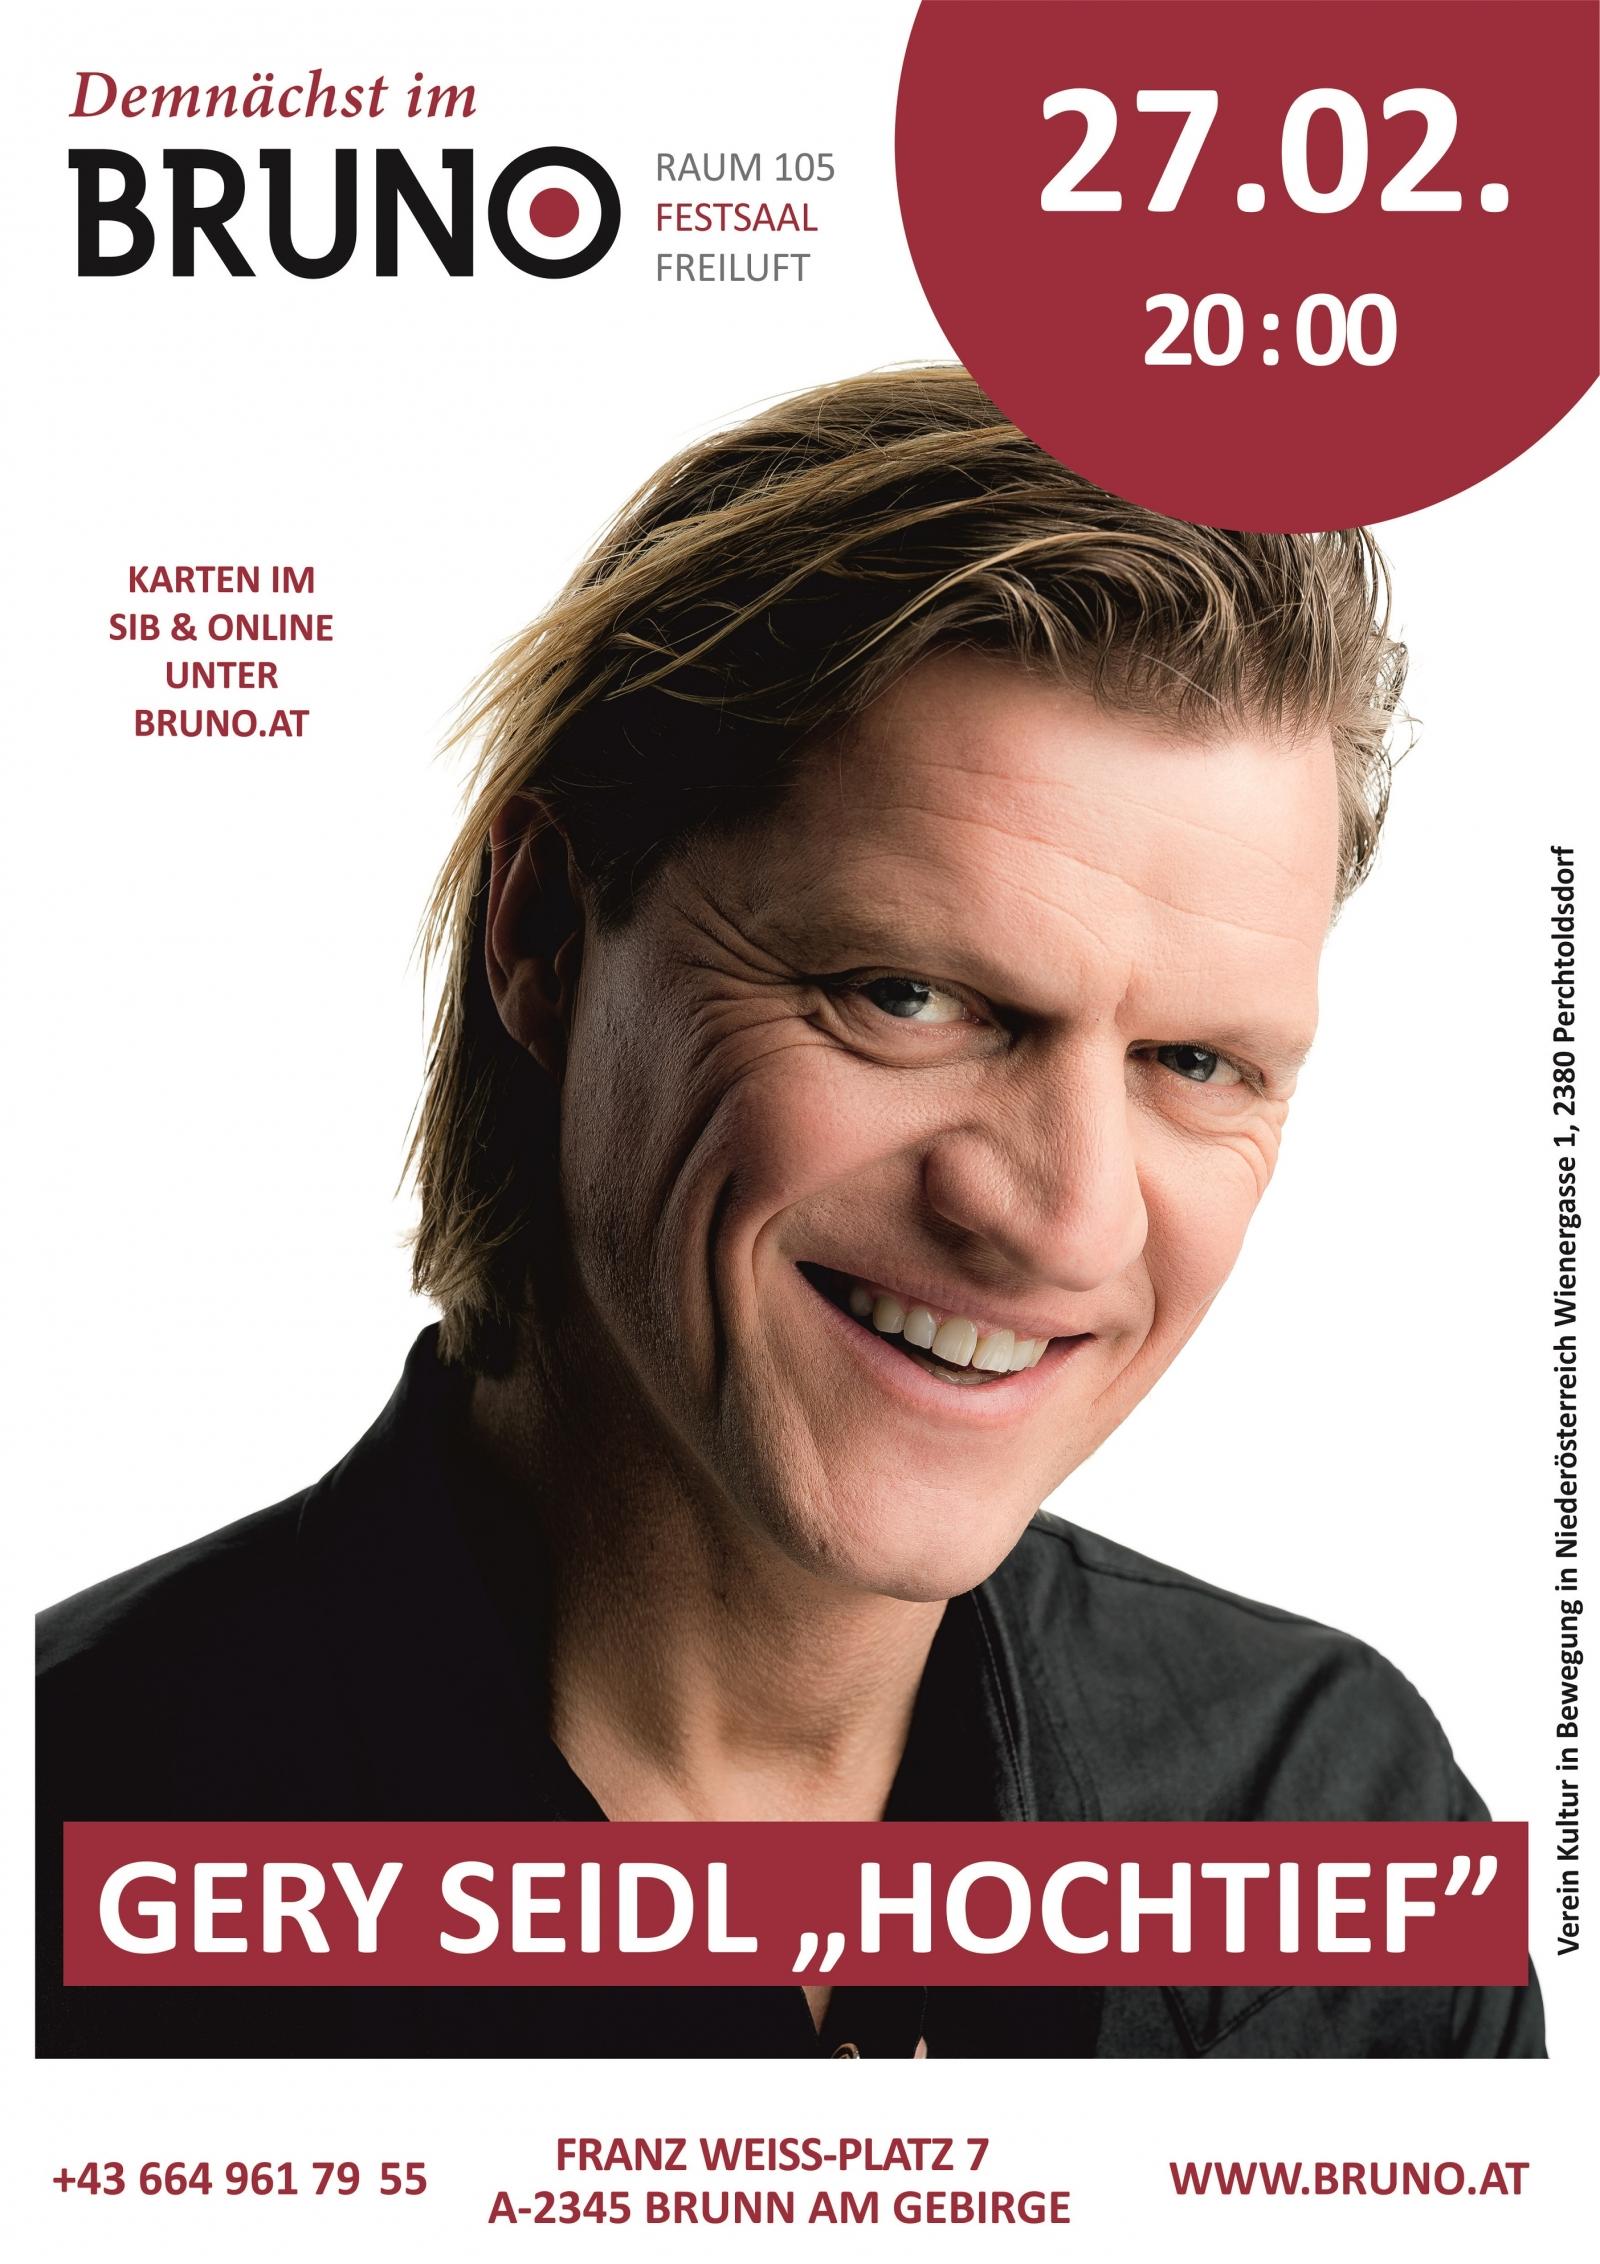 GERY SEIDL HOCHTIEF